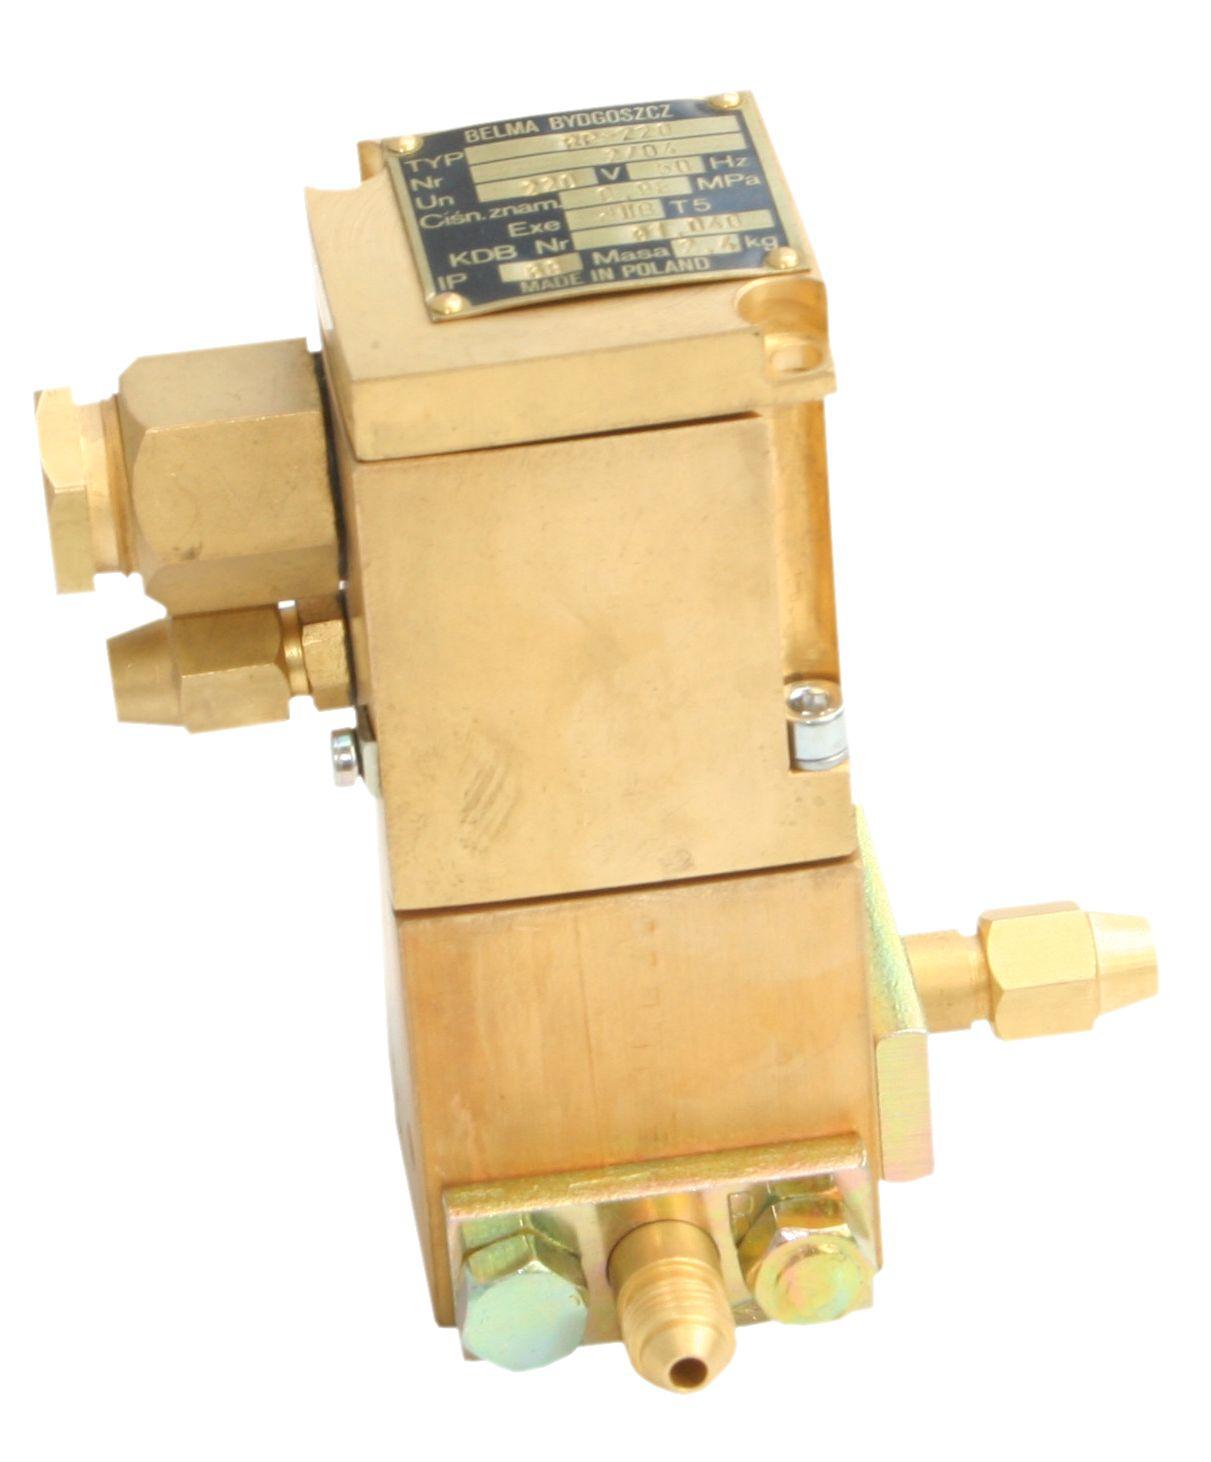 Rozdzielacz elektropneumatyczny przeciwwybuchowy typu R-24 i R-220 (24V DC, 230V AC)